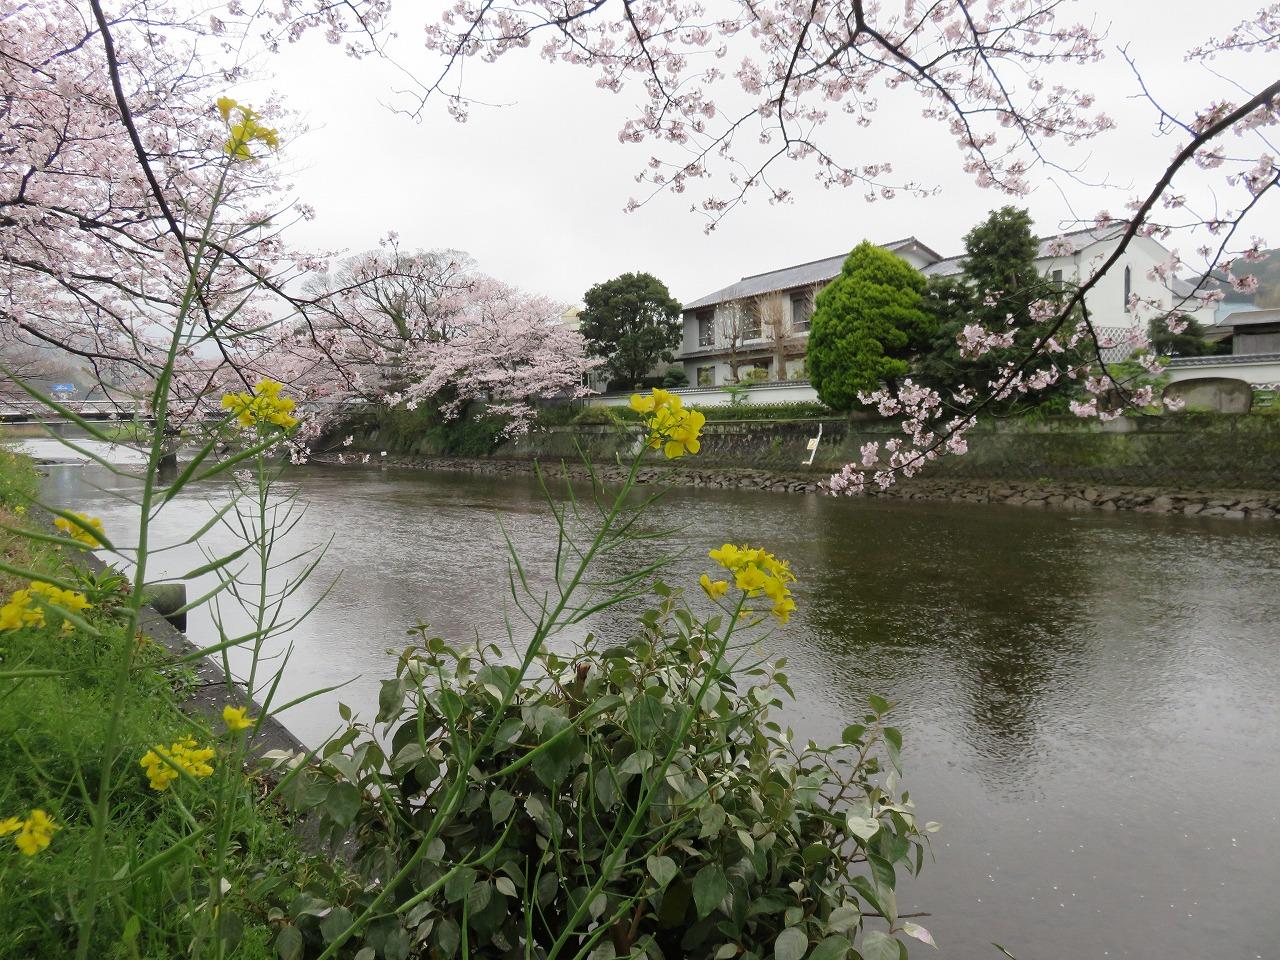 那賀川の流れ